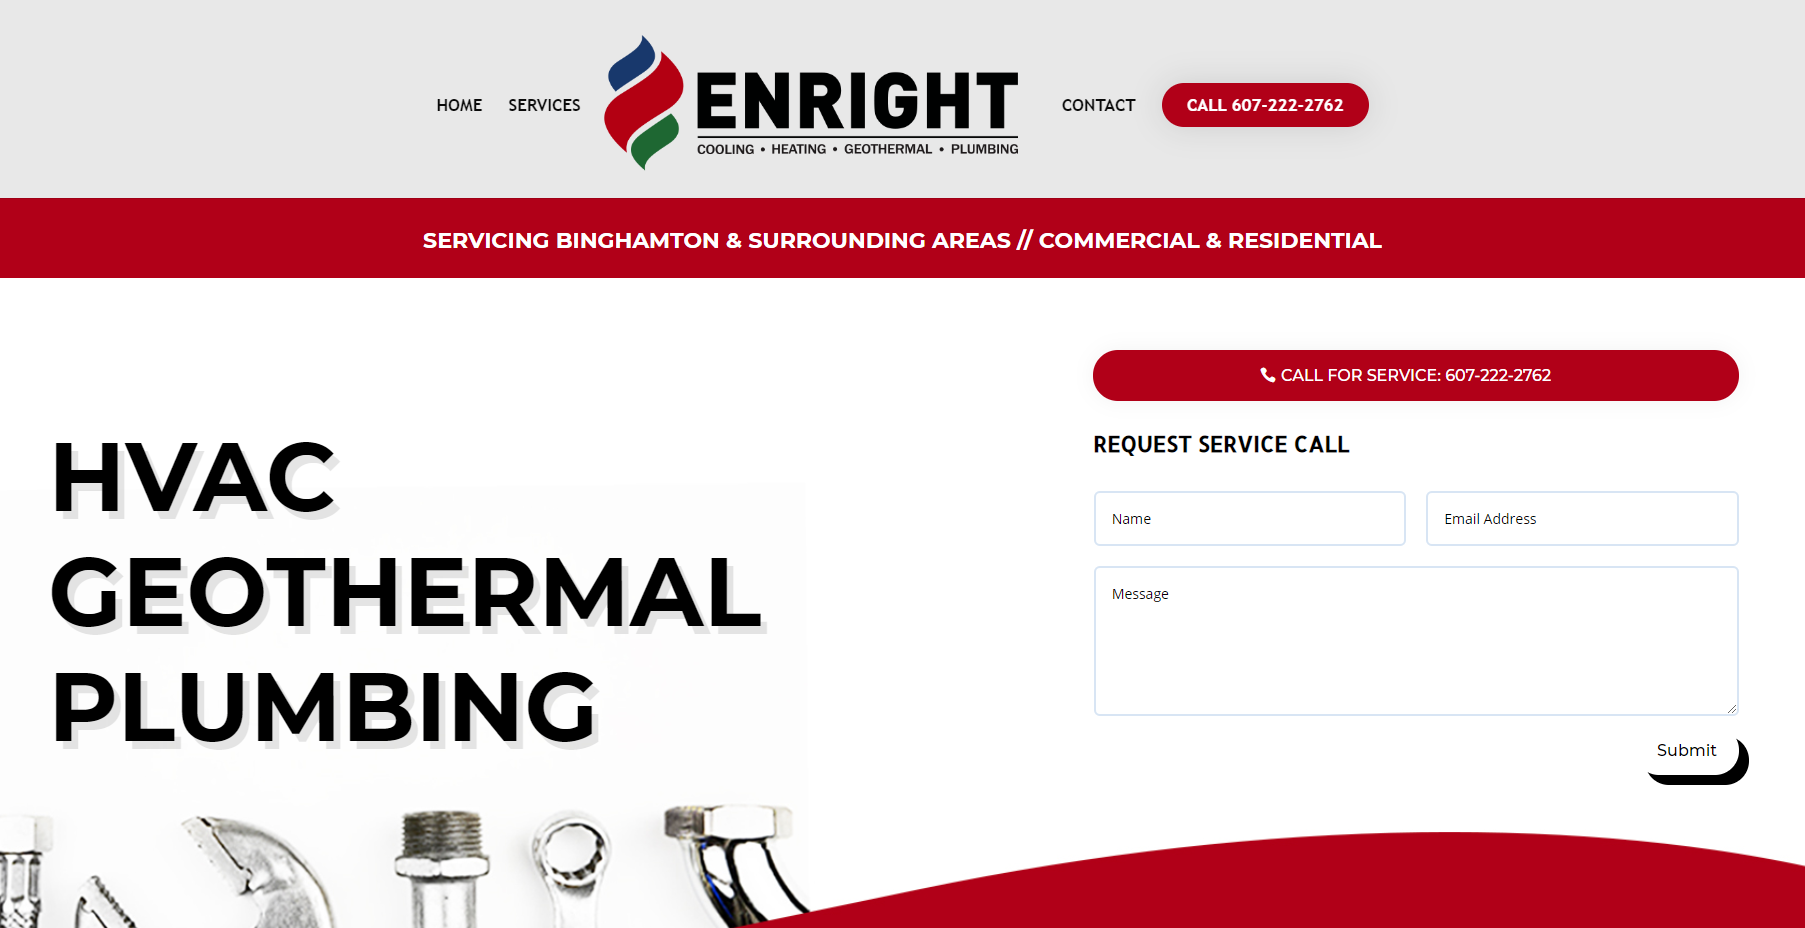 Enright HVAC